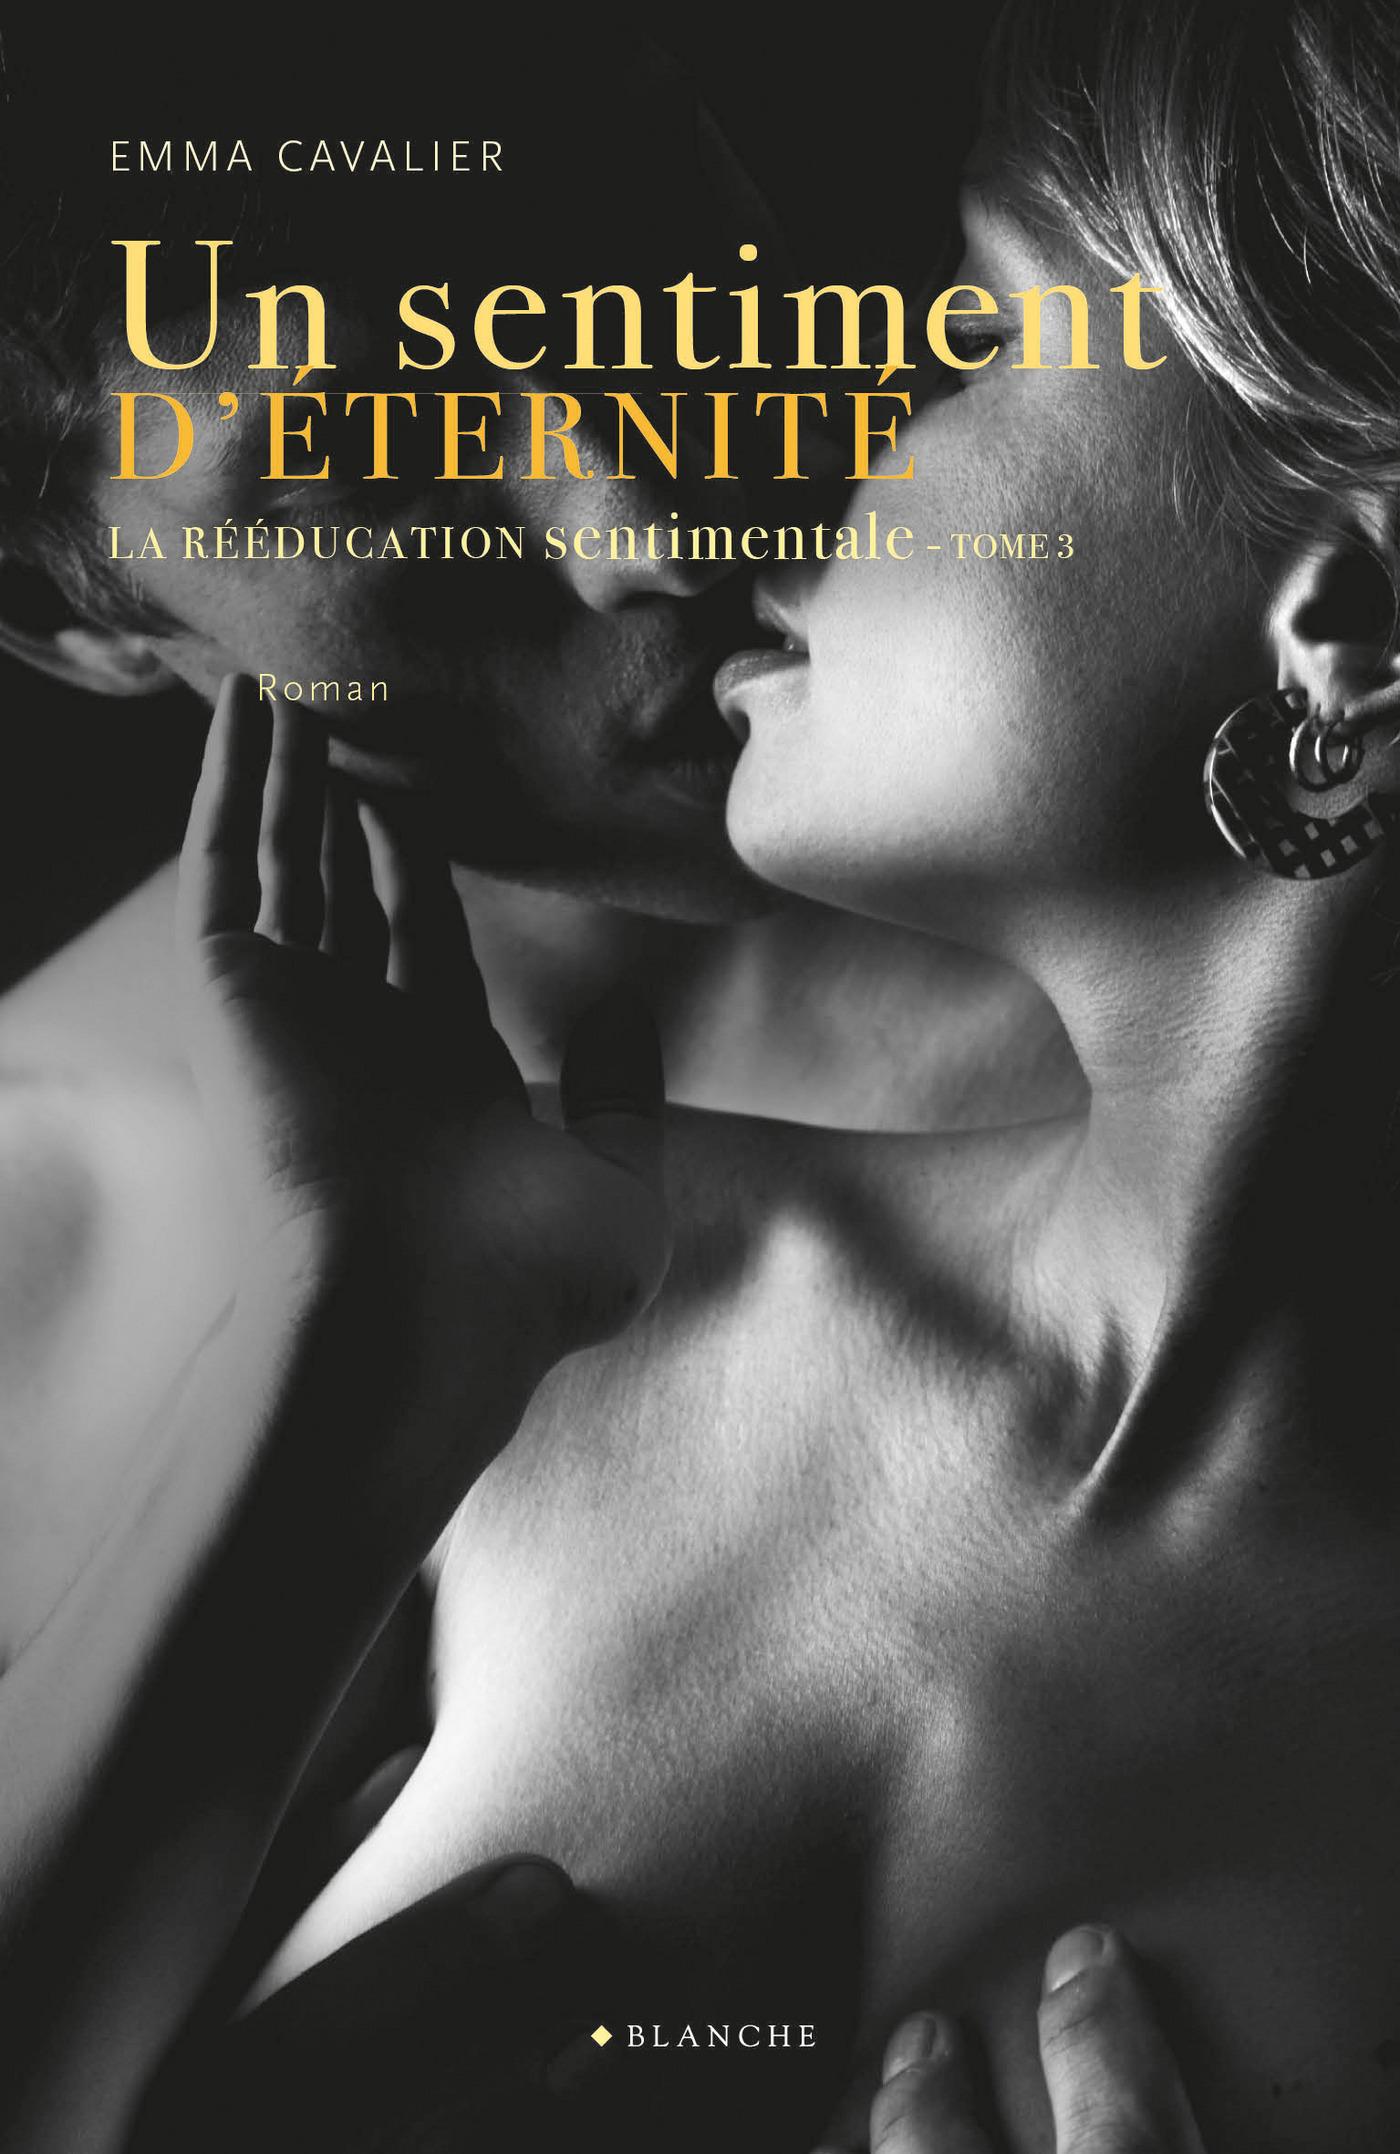 La Rééducation sentimentale Tome 3 Un sentiment d'éternité (ebook)